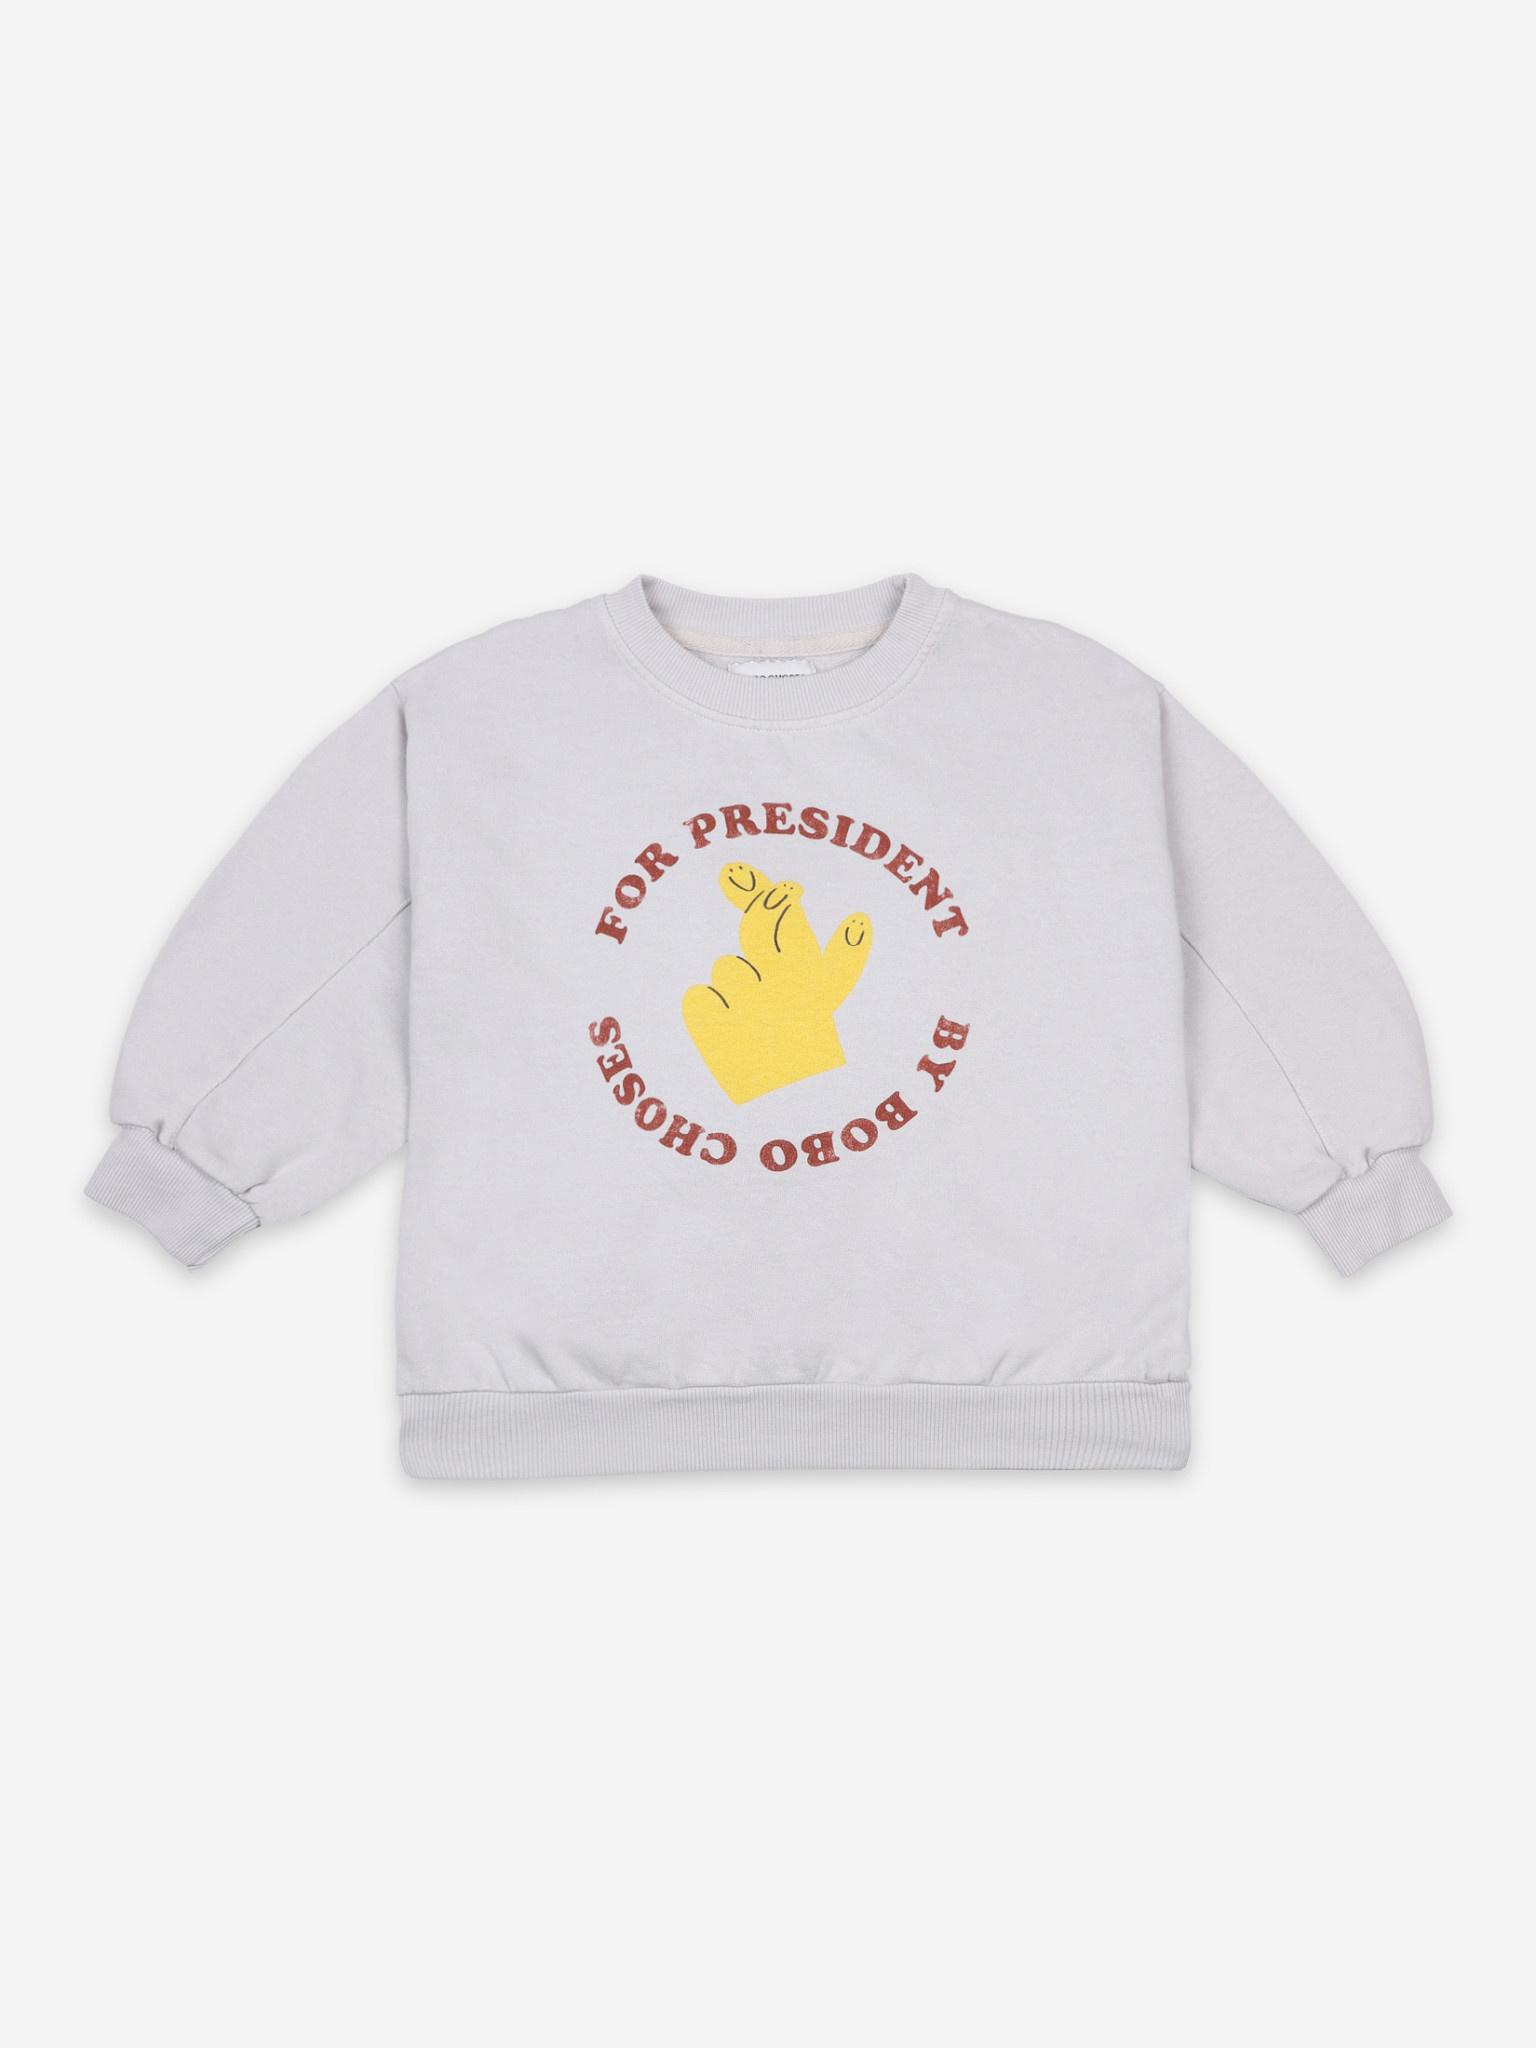 Fingers crossed sweatshirt-1